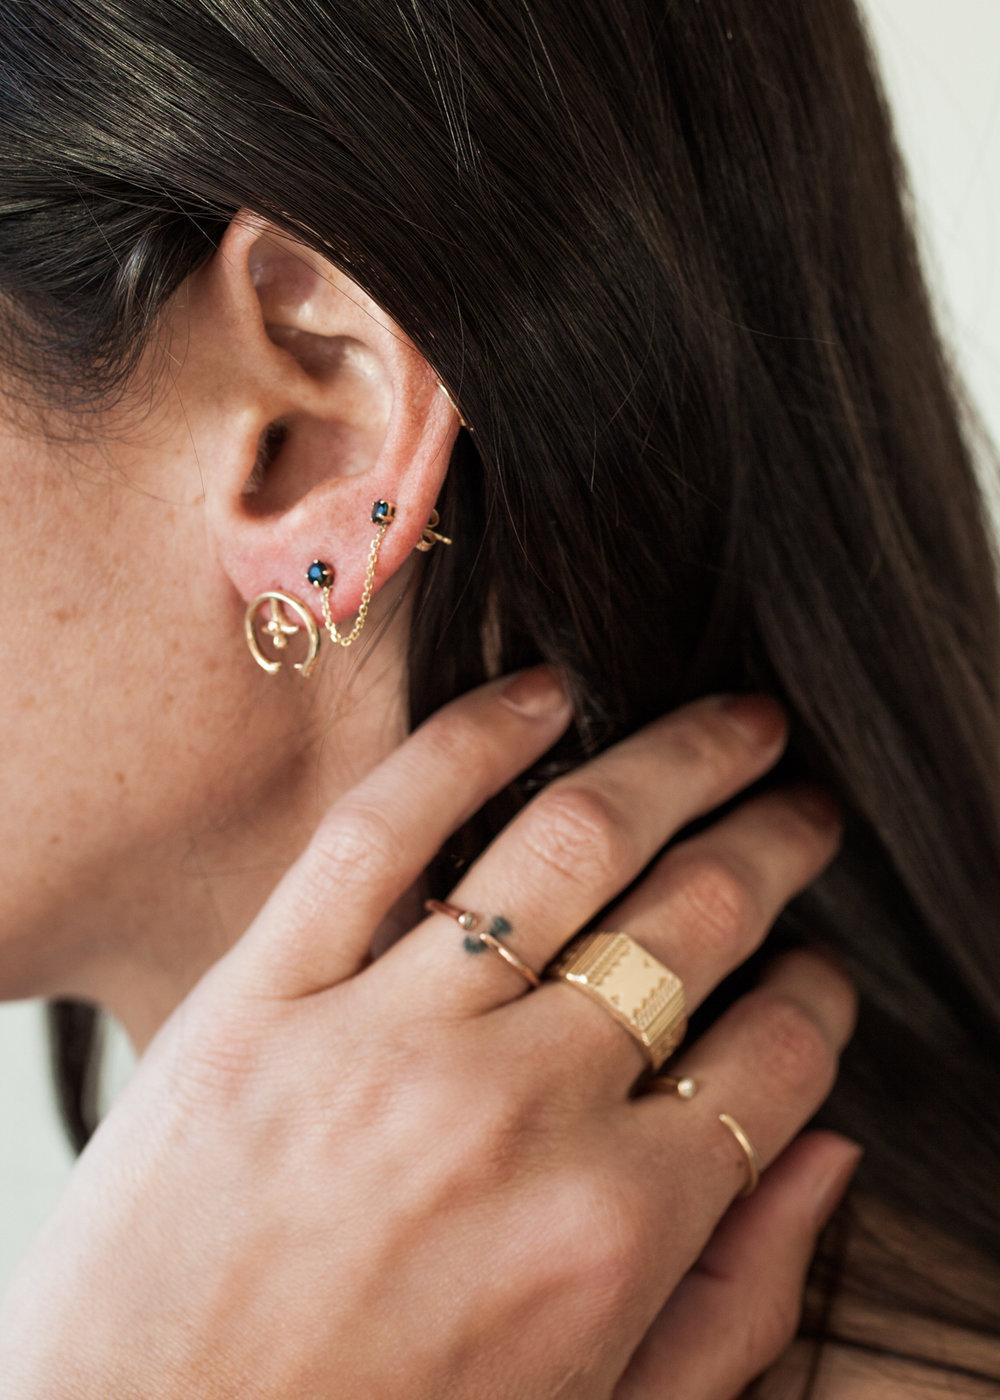 Earrings and rings 4.jpeg